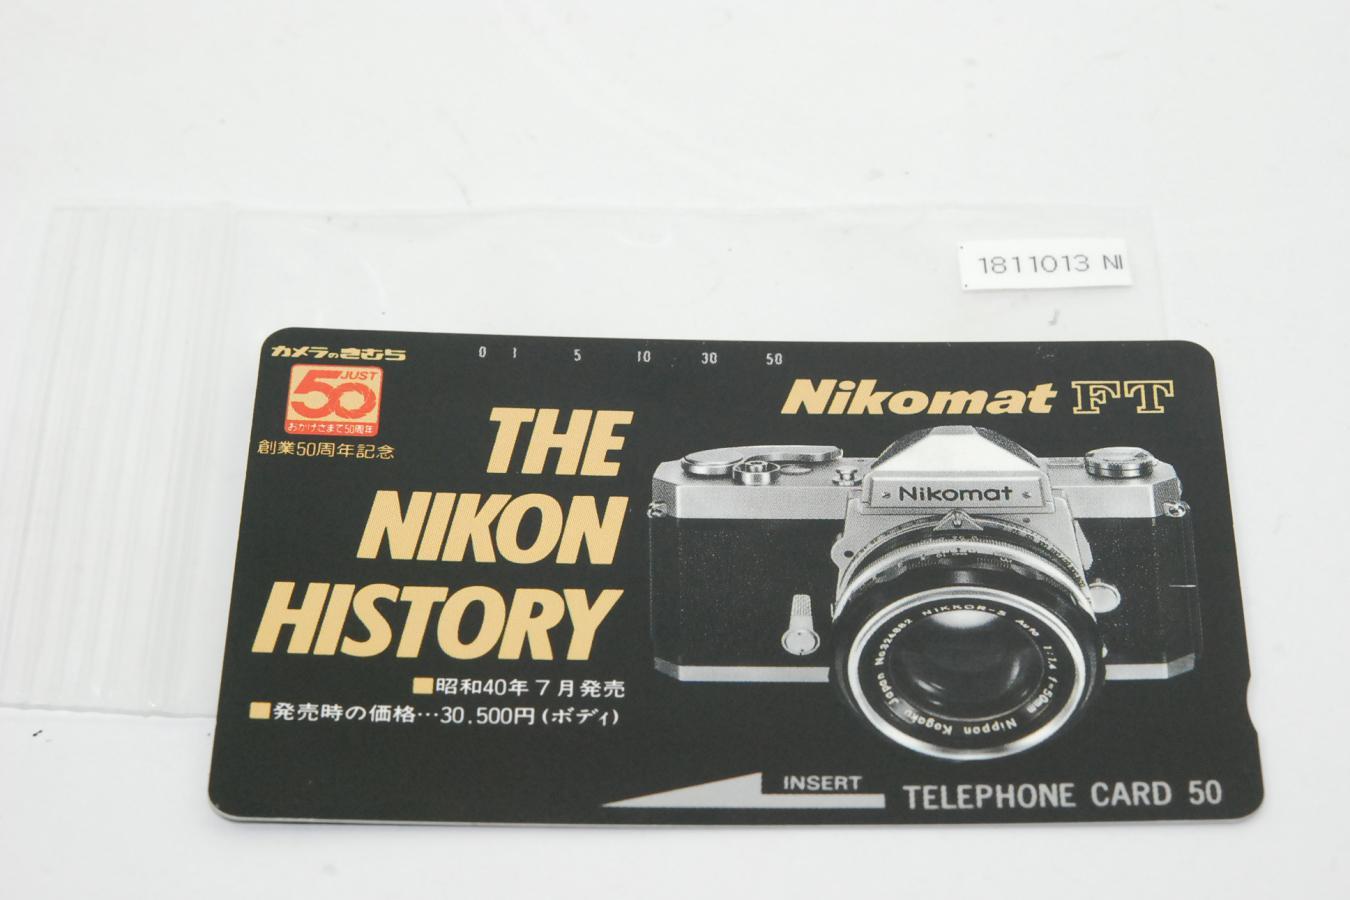 【コレクション向け 未使用】 Nikomat FT テレフォンカード 【THE NIKON HISTORY】